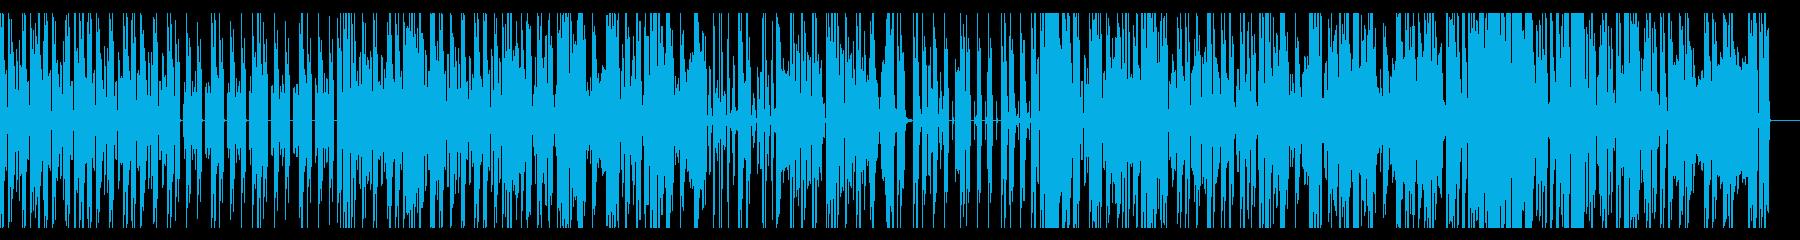 ダークで少しコミカルなエレクトロBGMの再生済みの波形